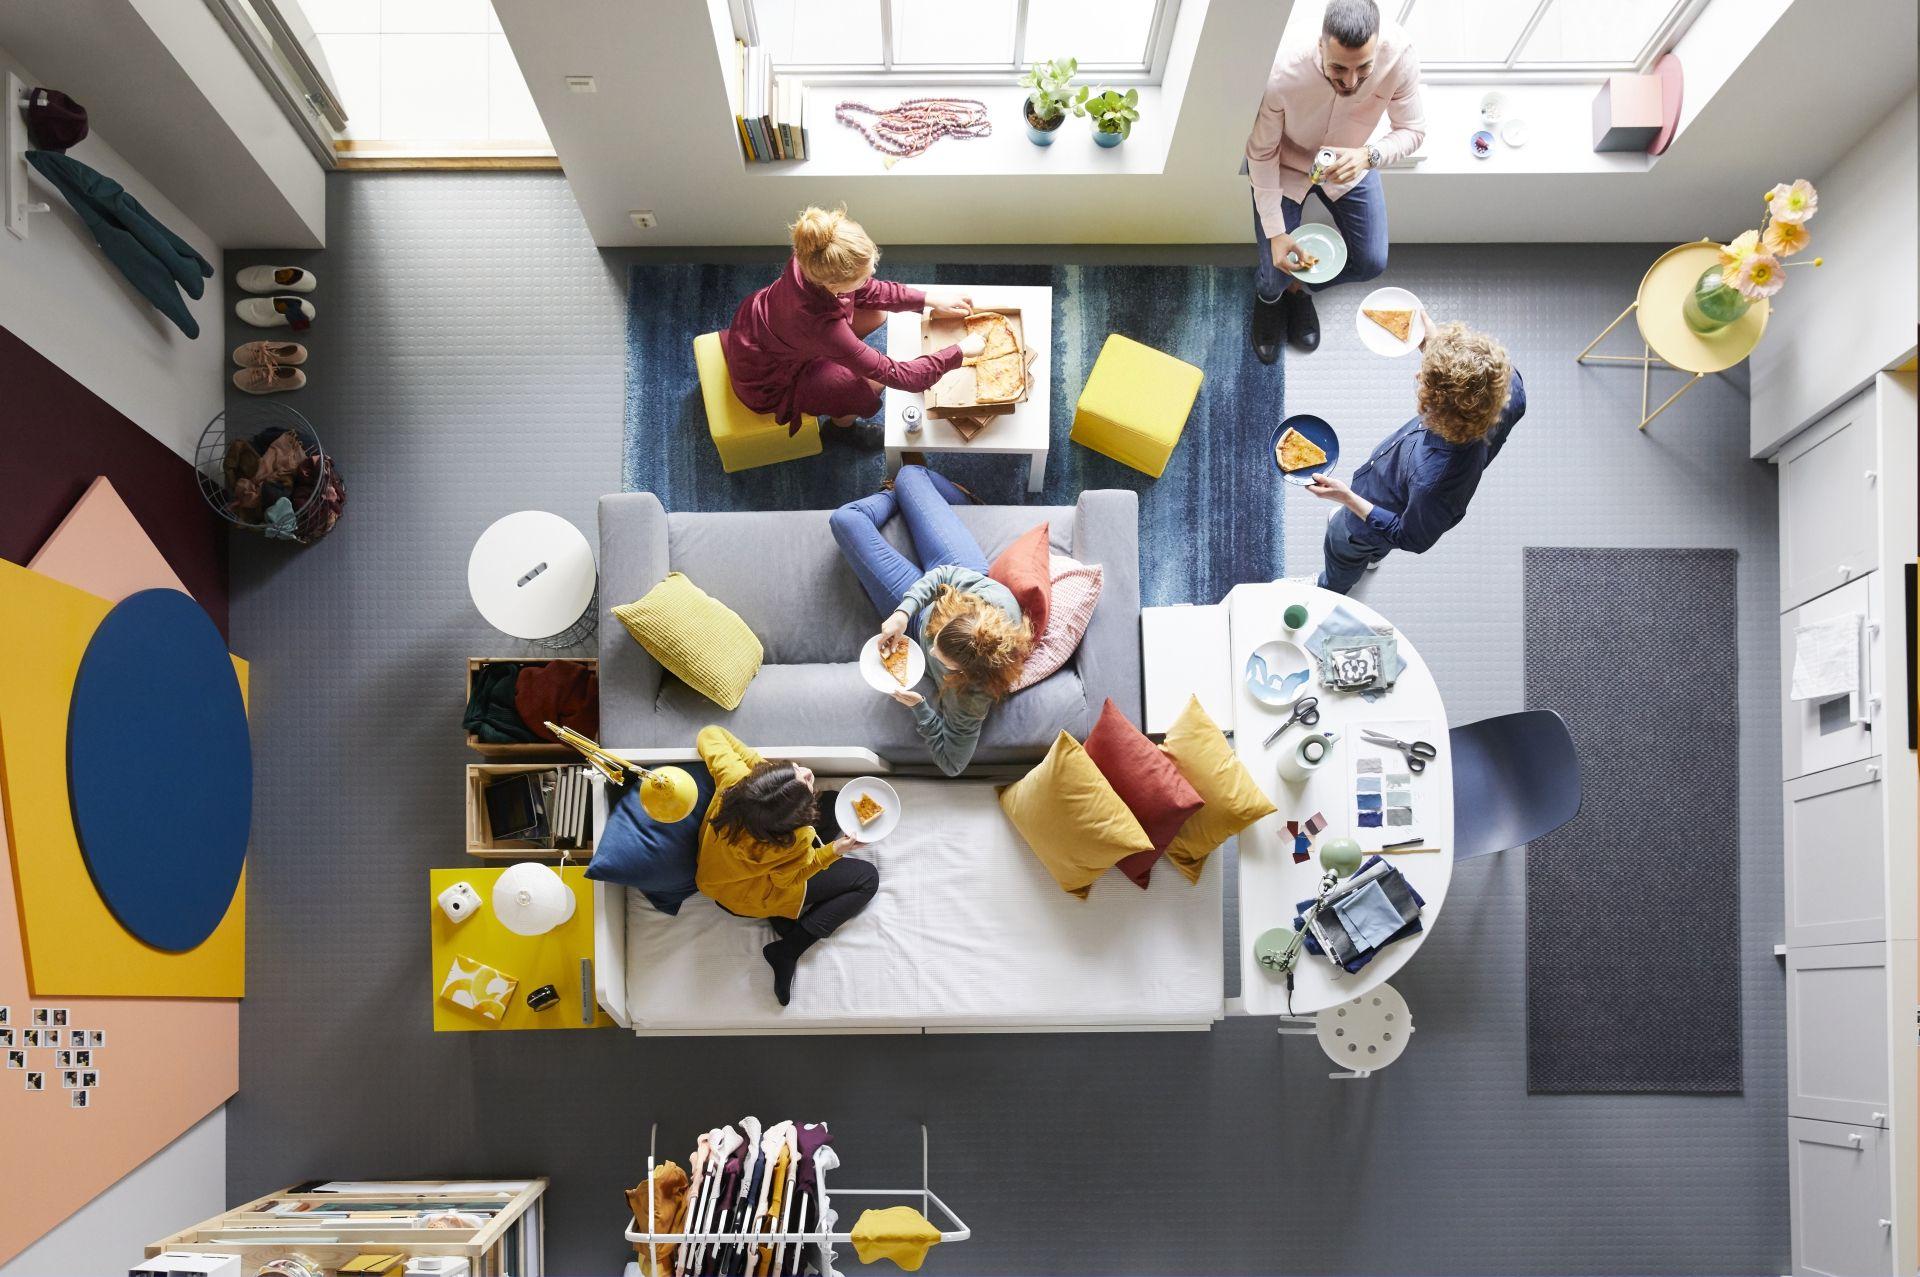 Una habitación pequeña y una gran idea! Un diseño creativo puede ...